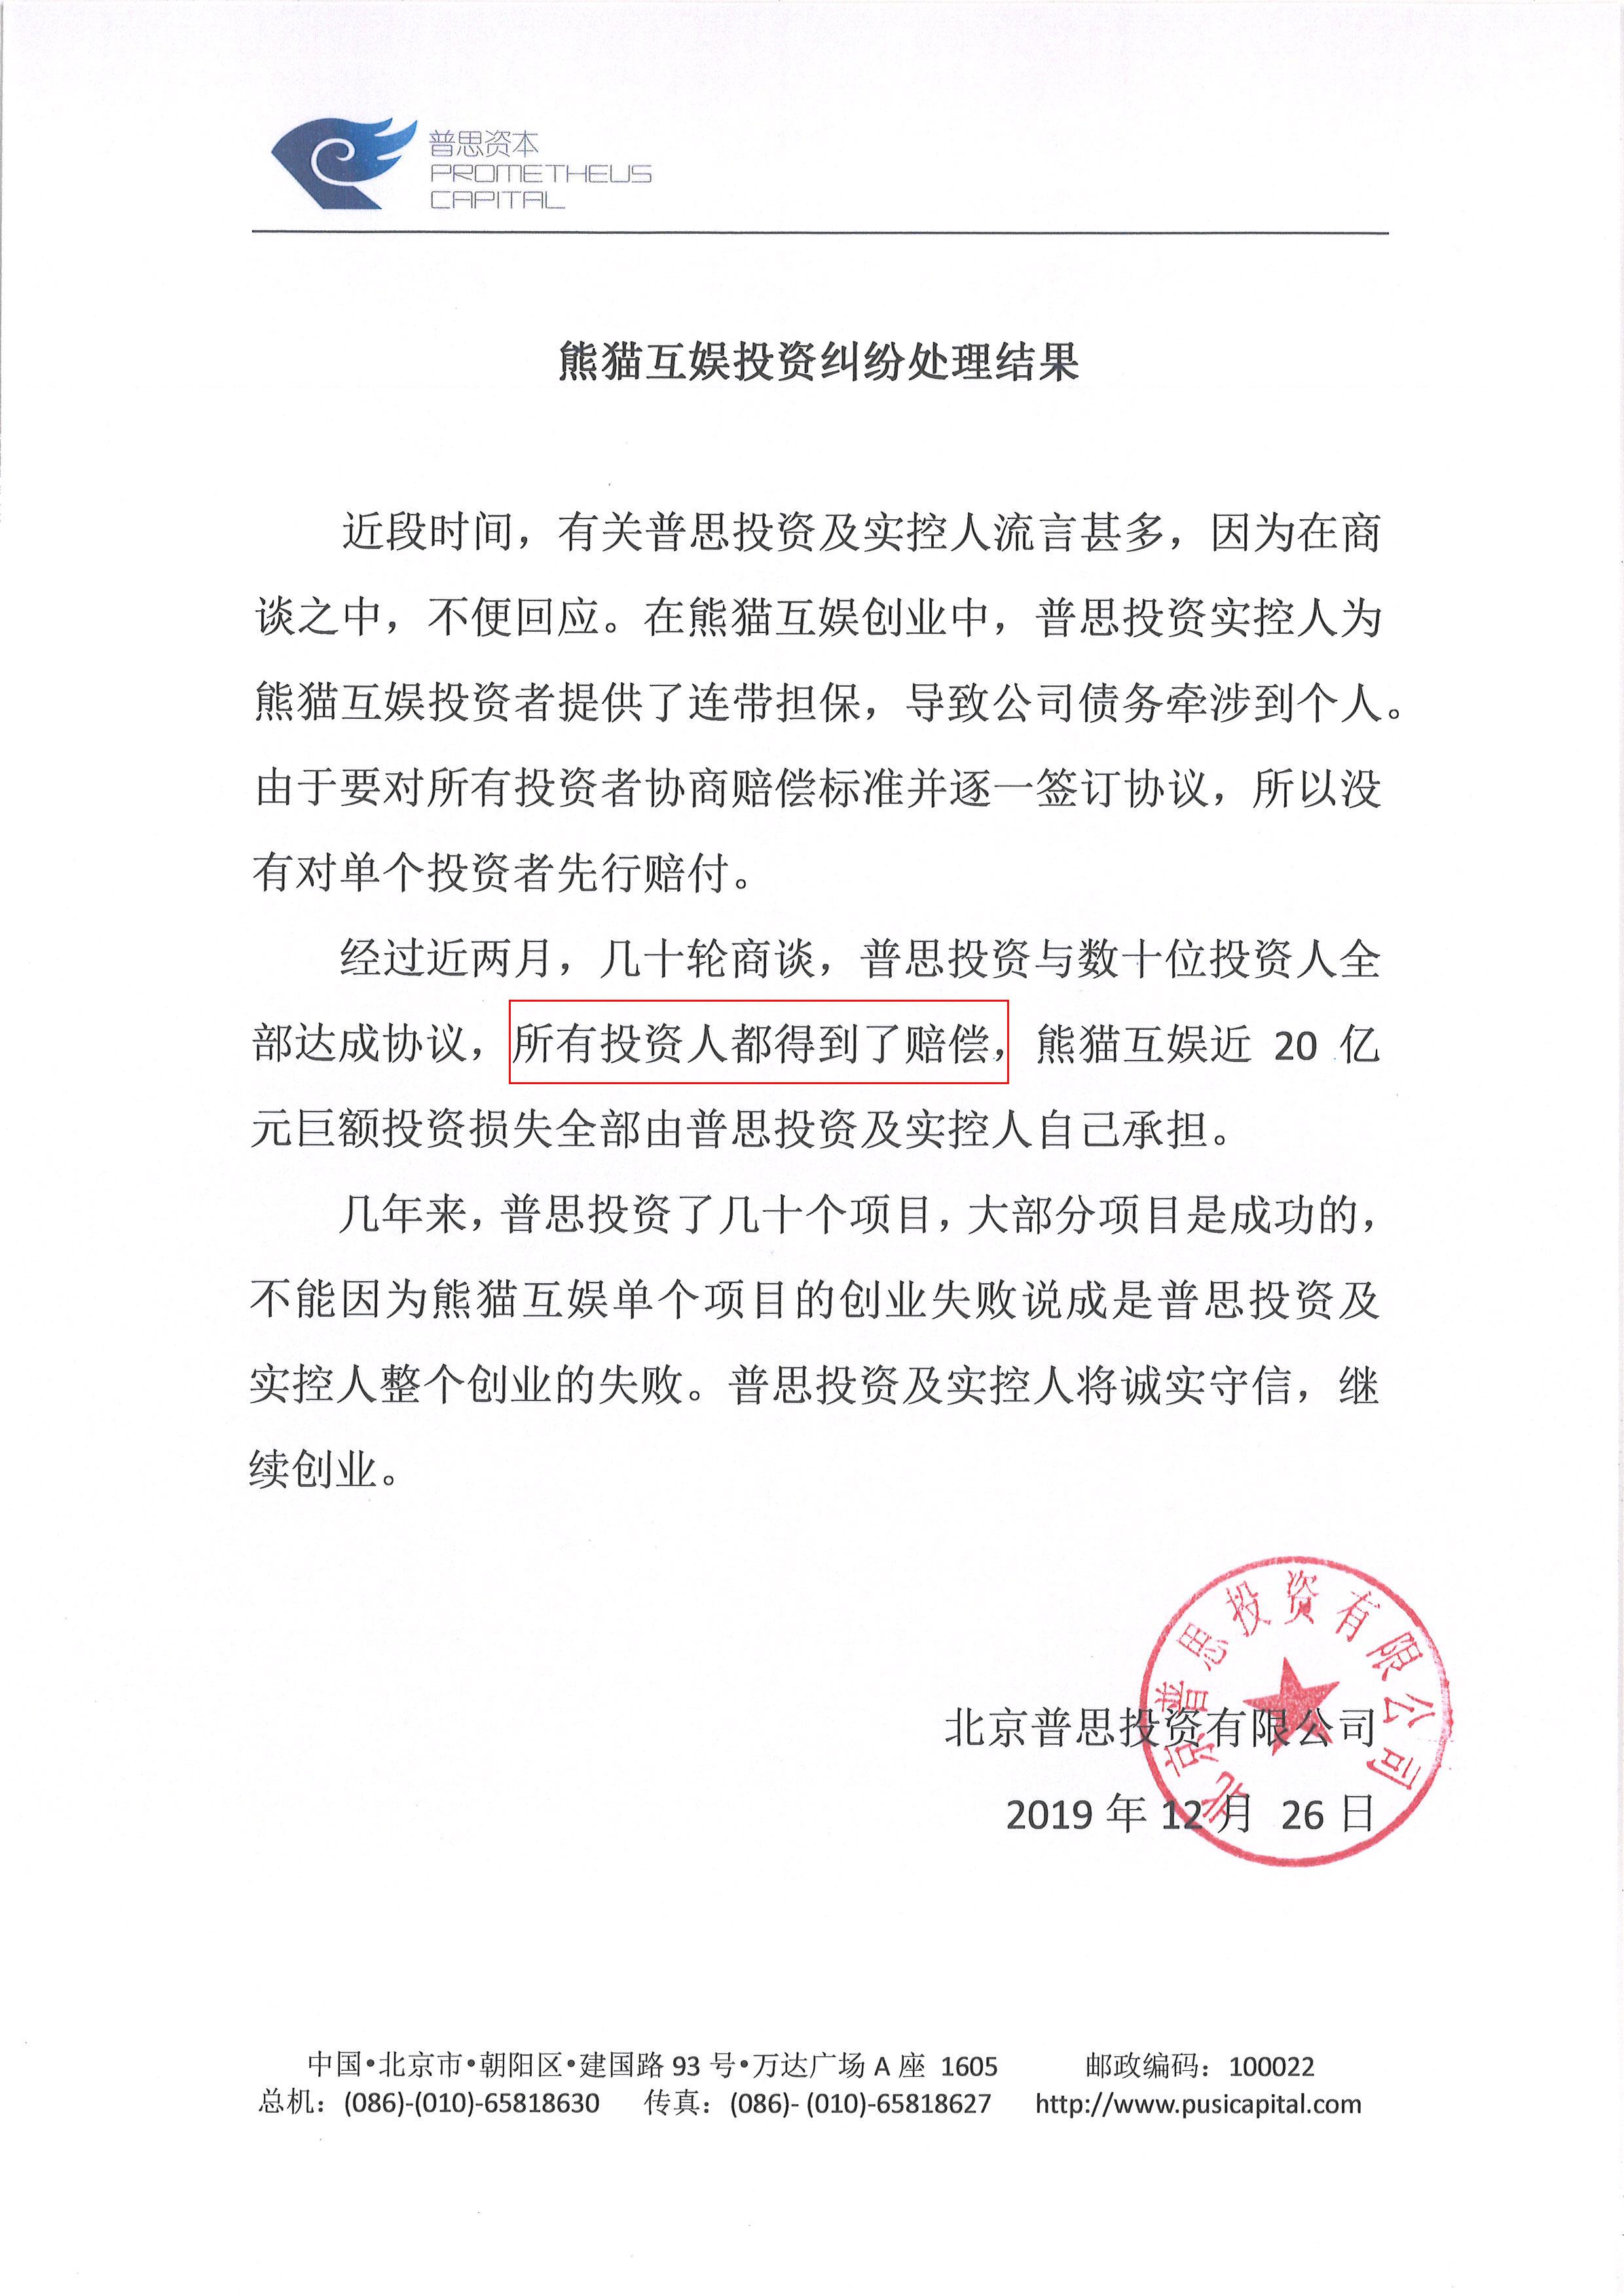 王思聪最后一条限消令撤销 普思投资承担近20亿损失